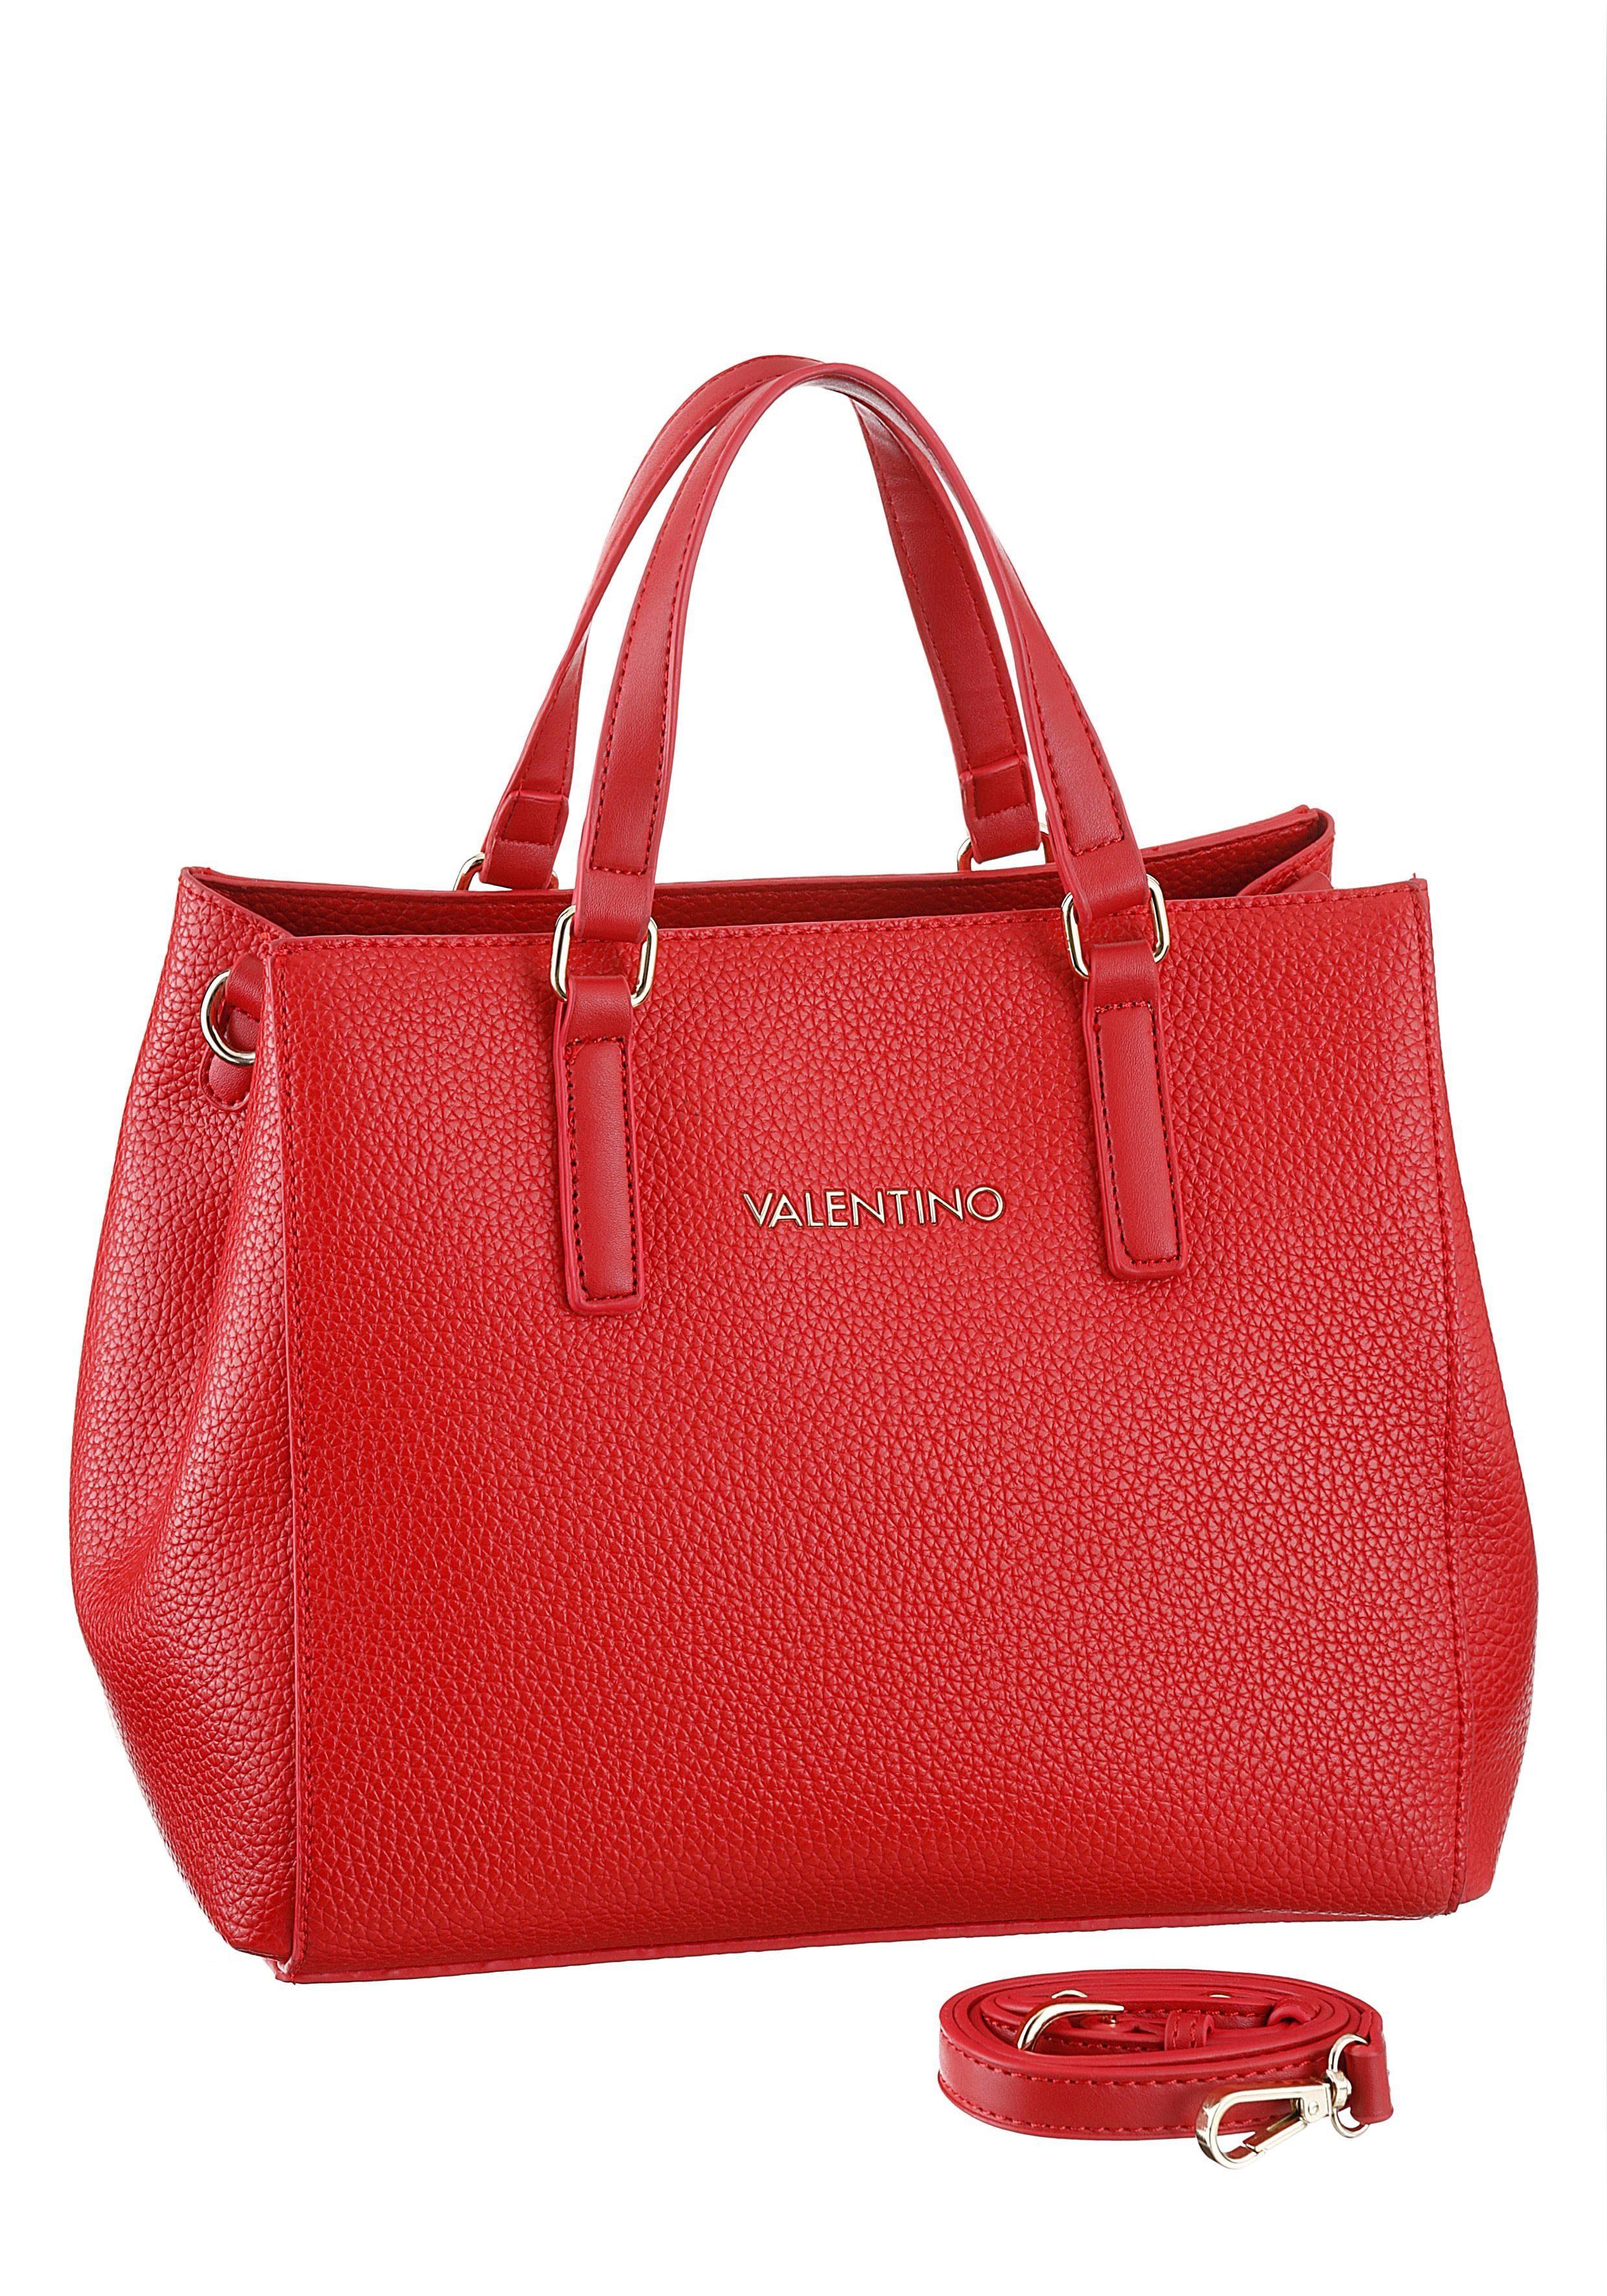 Valentino handbags Henkeltasche, mit silberfarbenen Details